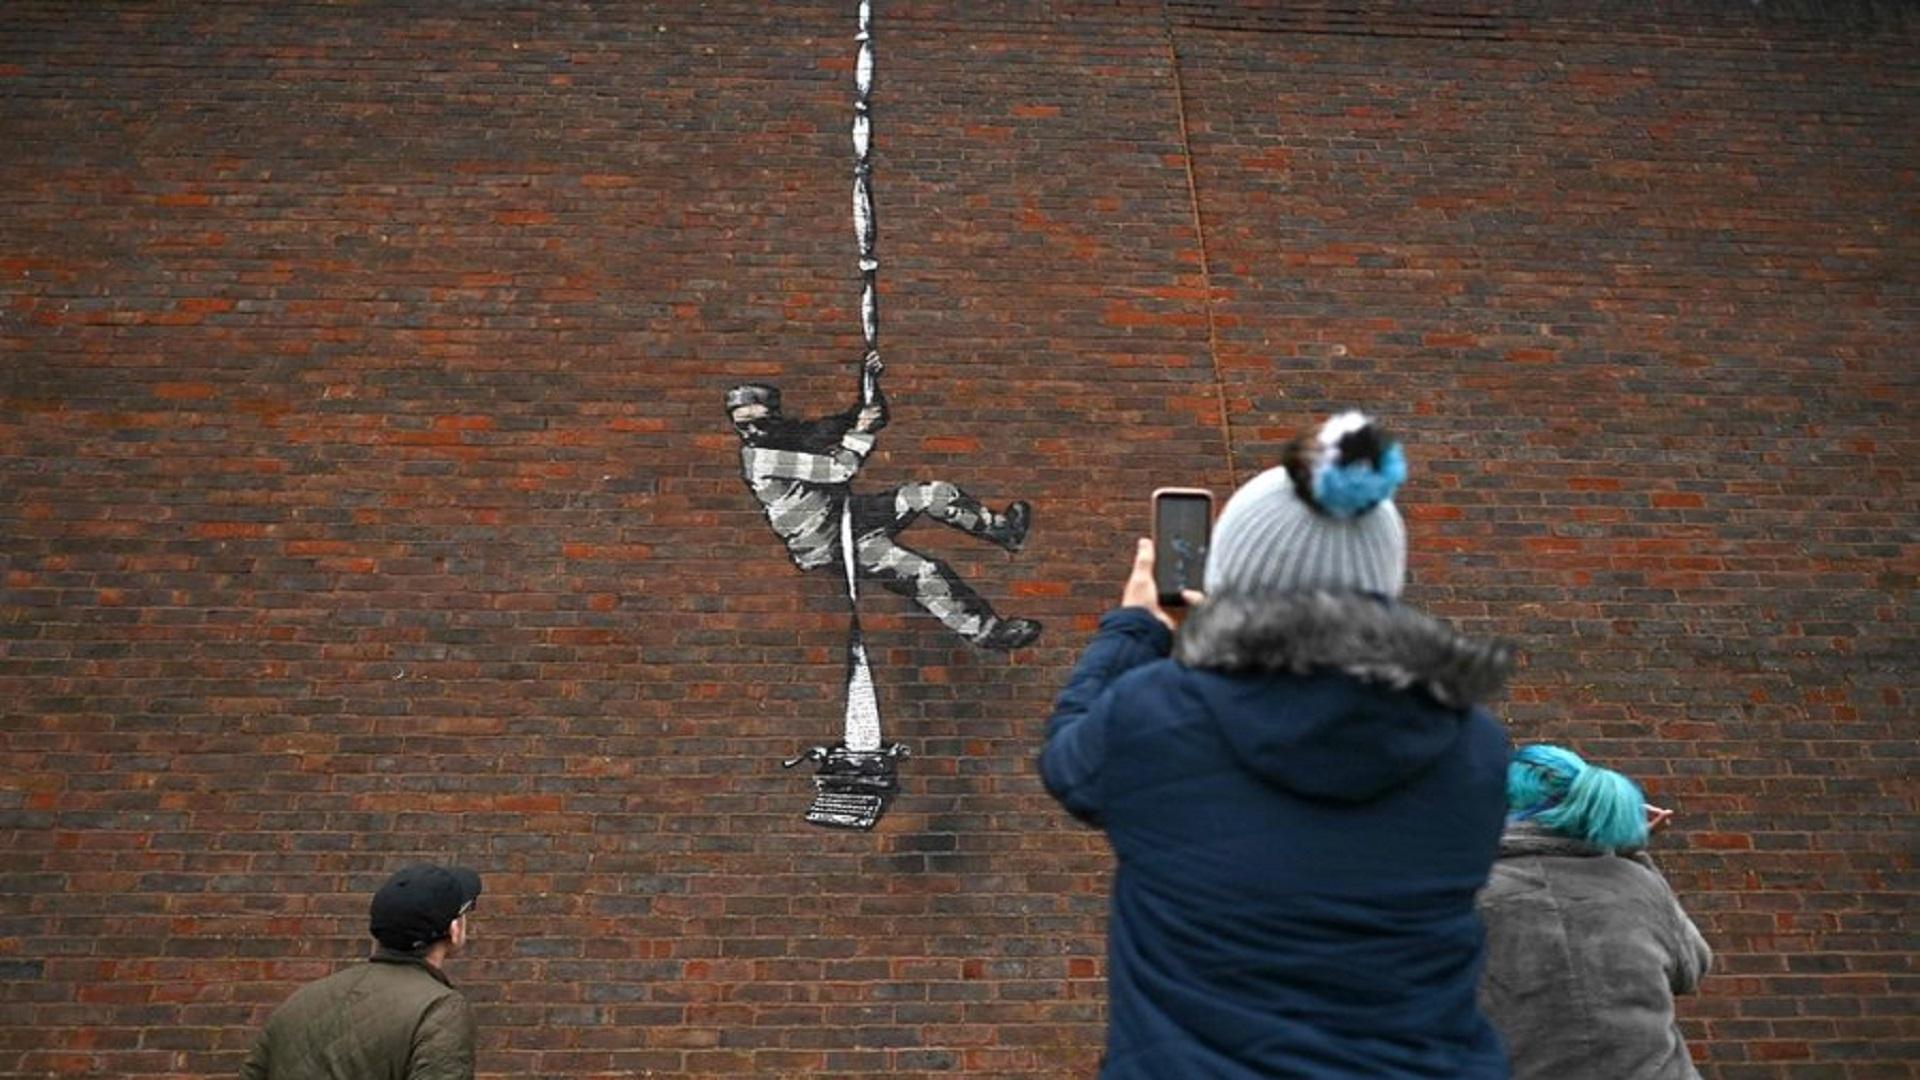 بانكسي يتبنى رسماً على جدار سجن بريطاني سابق أمضى فيه أوسكار وايلد سنتين